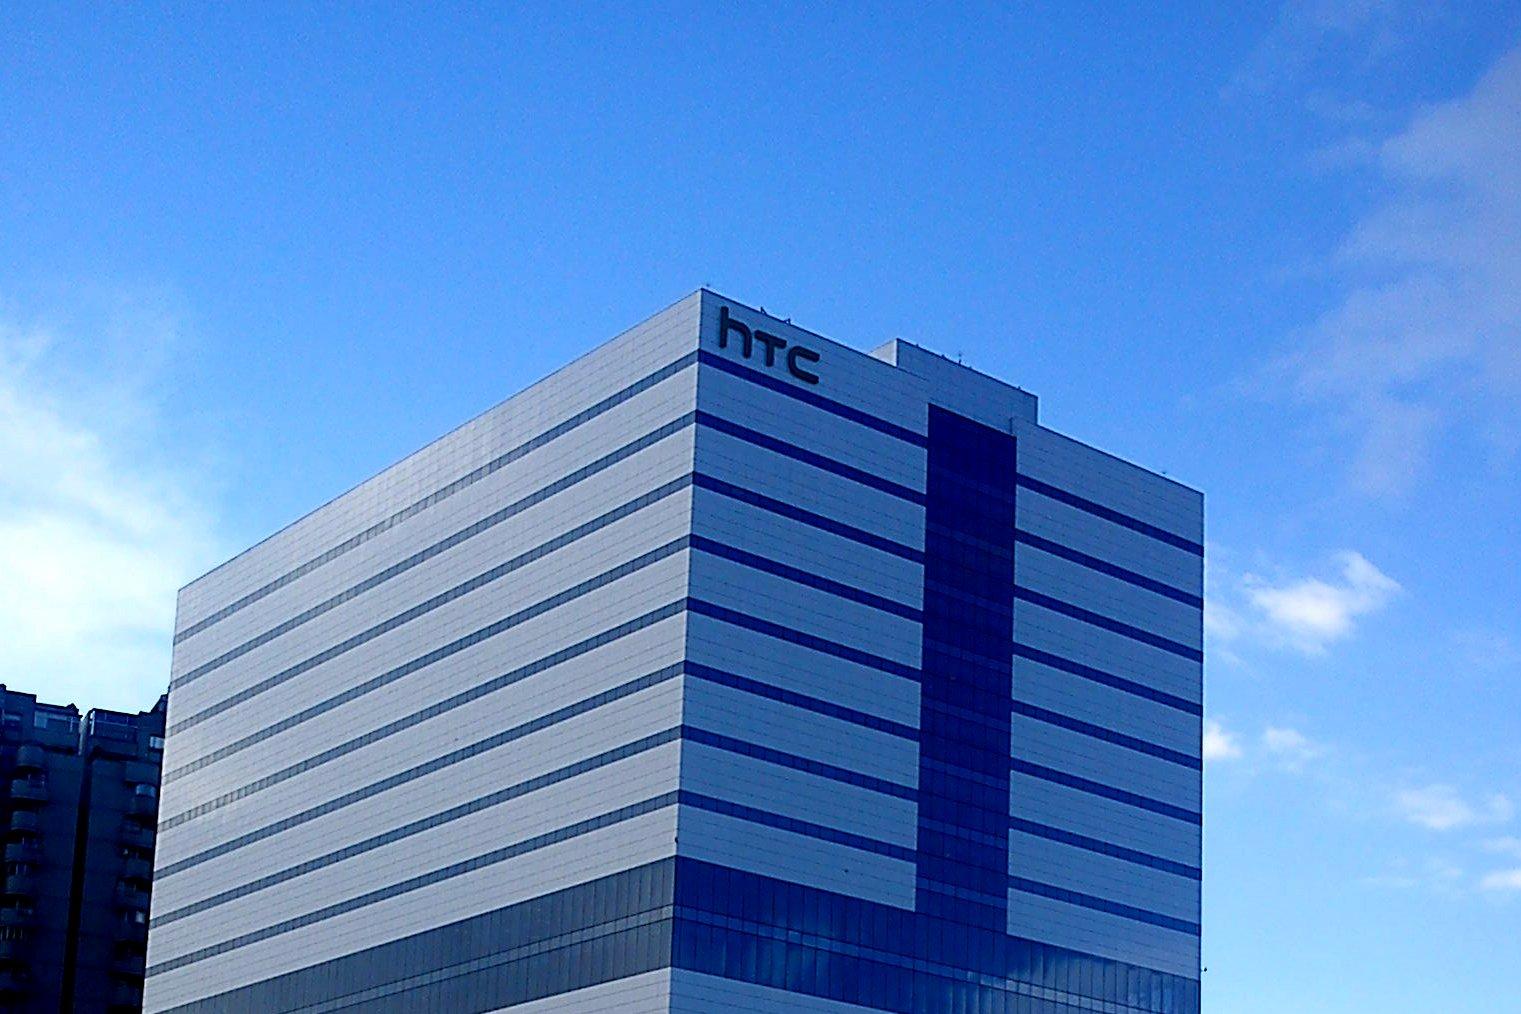 HTC idzie na rekord: to siódmy kwartał strat z rzędu 19